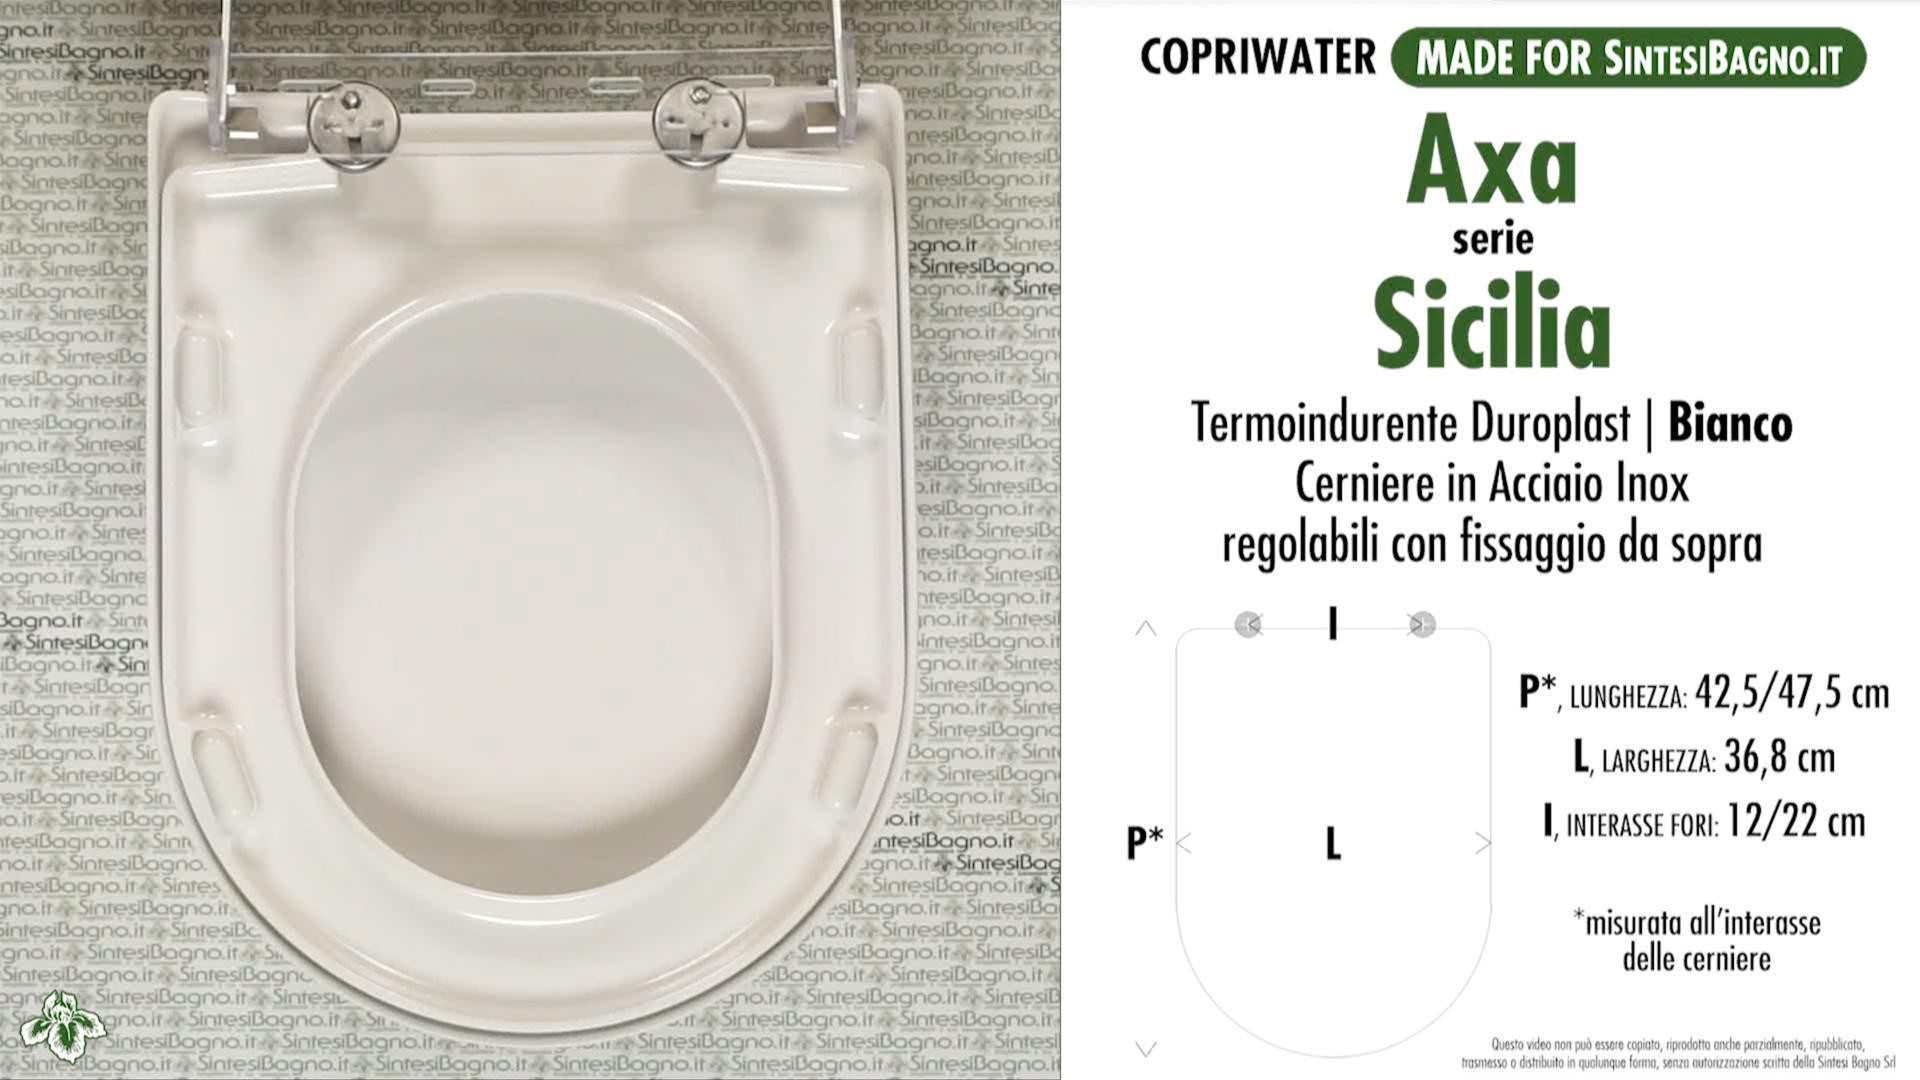 SCHEDA TECNICA MISURE copriwater AXA SICILIA